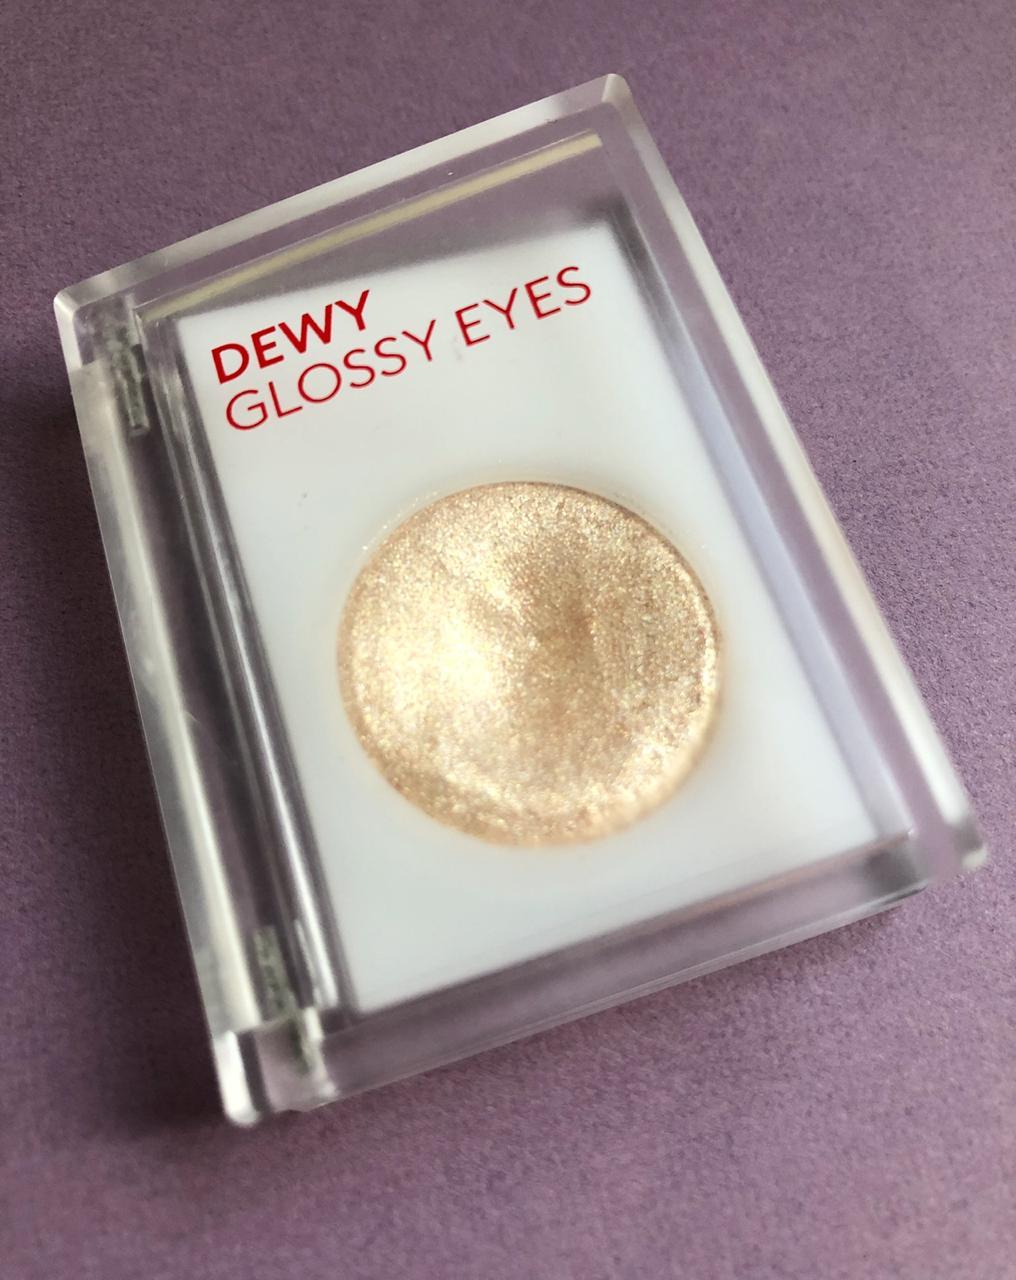 Dewy Glossy Eyes_Missha